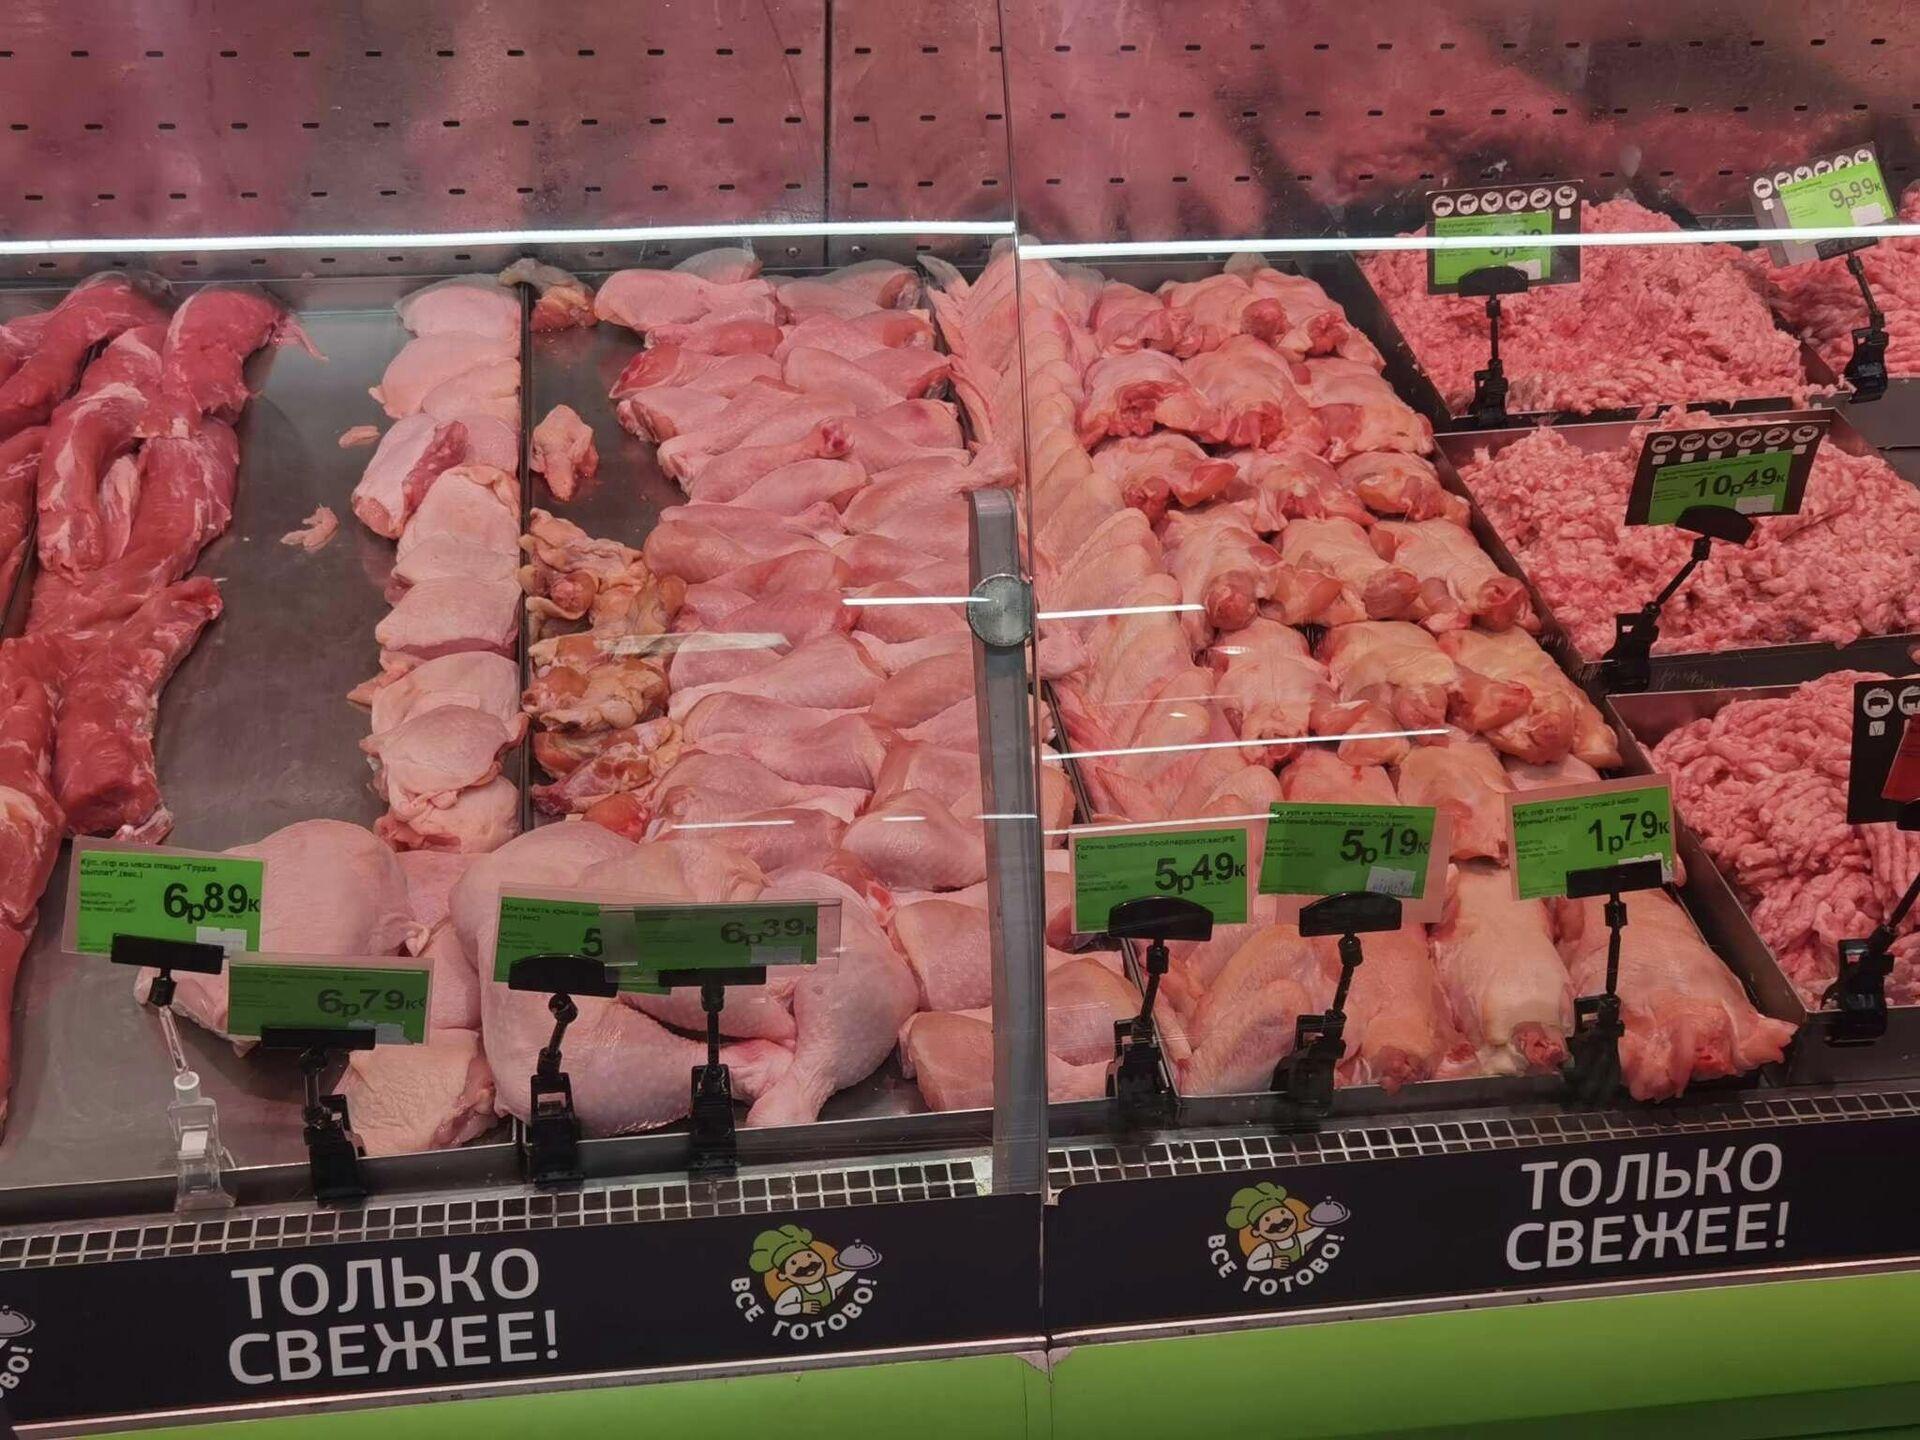 Мясные продукты белорусского производства в гипермаркете Витебска - Sputnik Беларусь, 1920, 10.10.2021